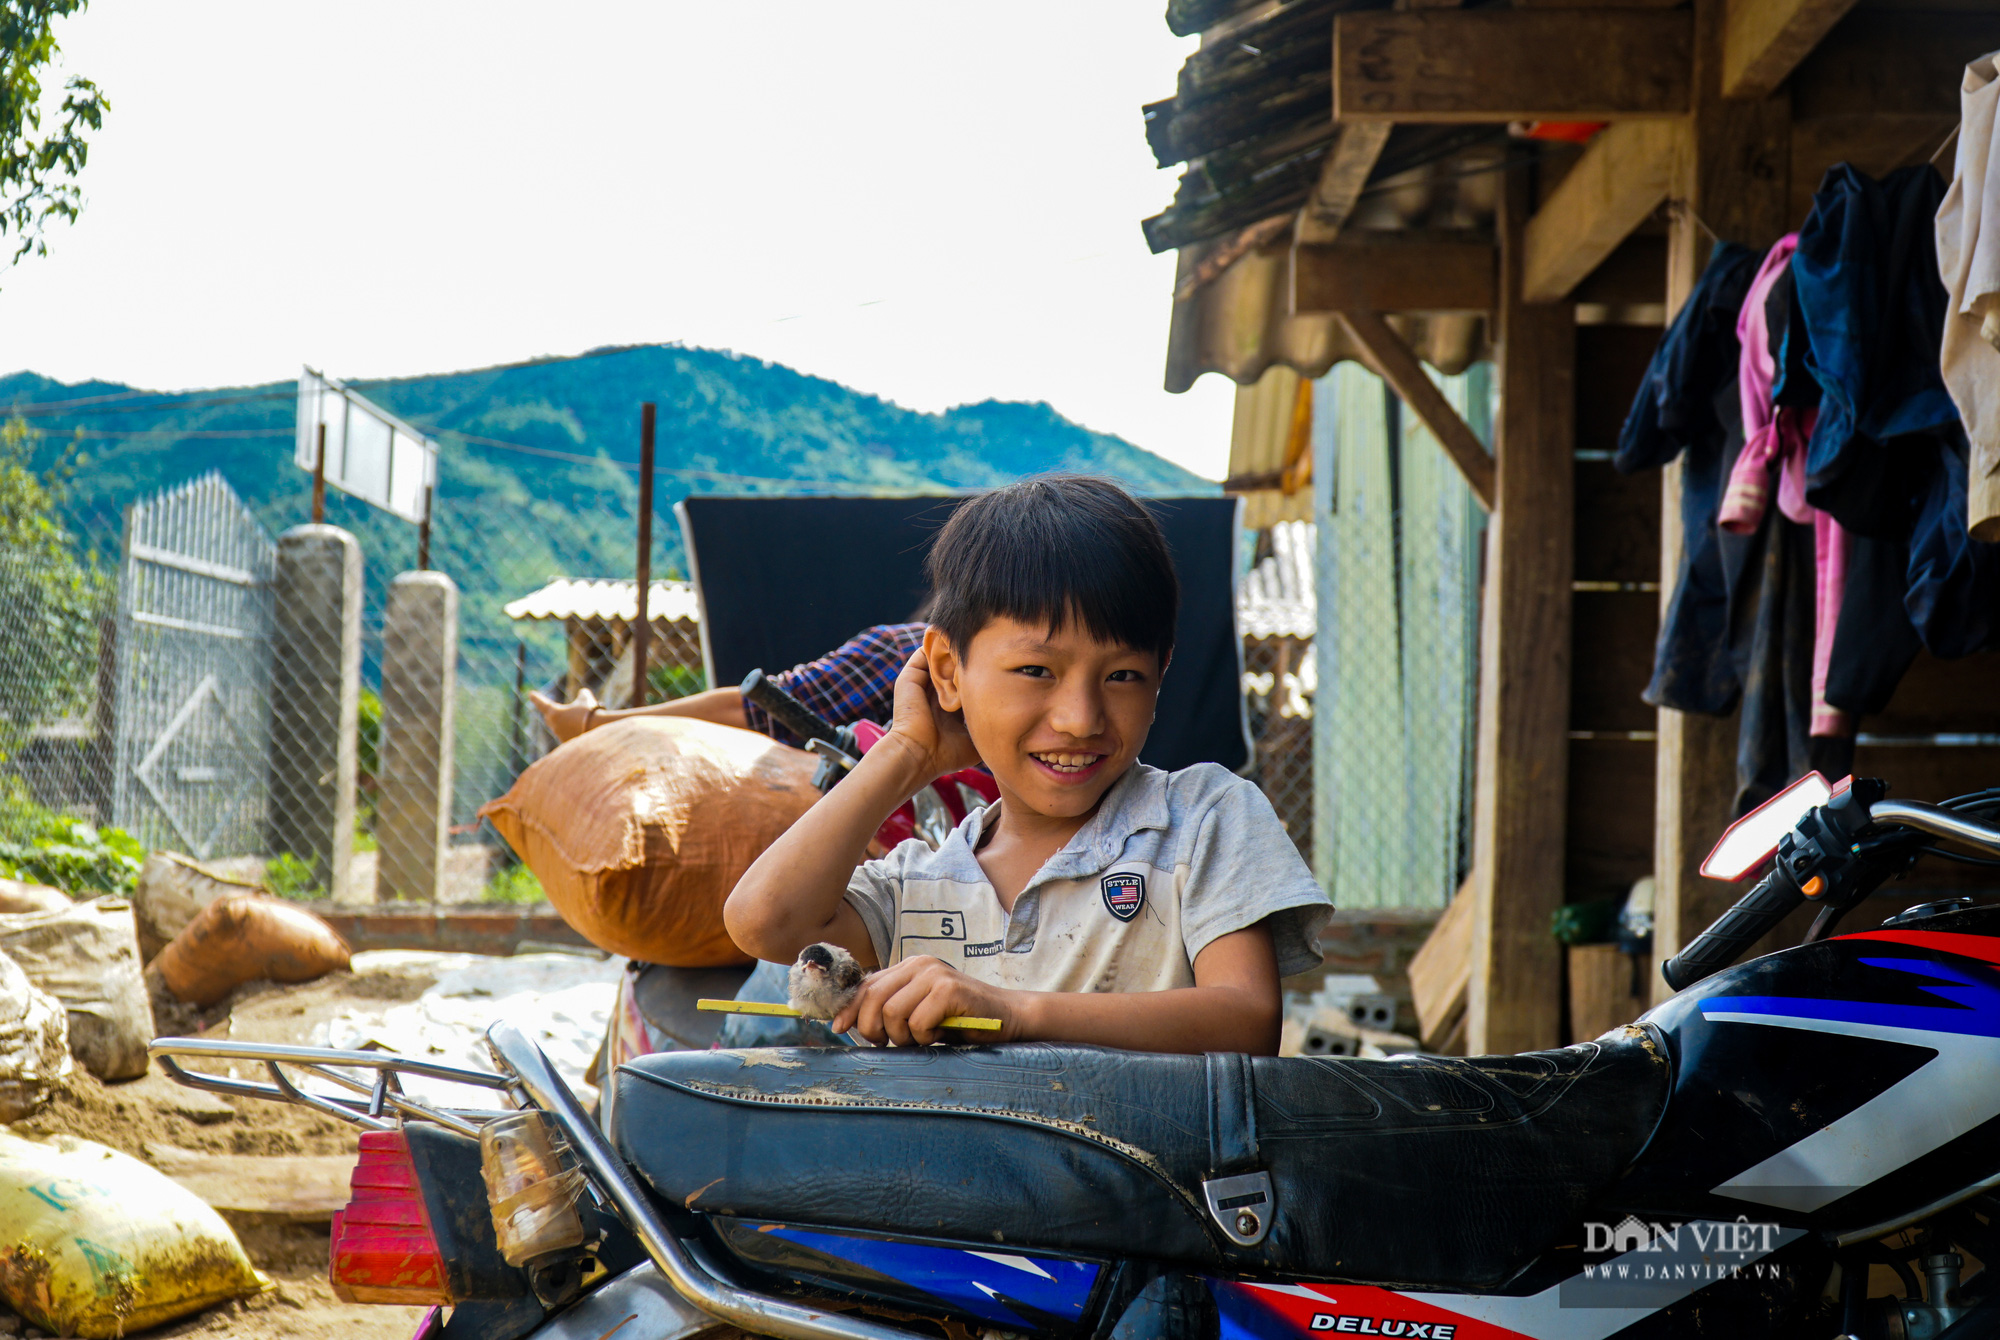 Cu Vai: Bản làng bằng phẳng đẹp nhất của người H'Mông - Ảnh 11.